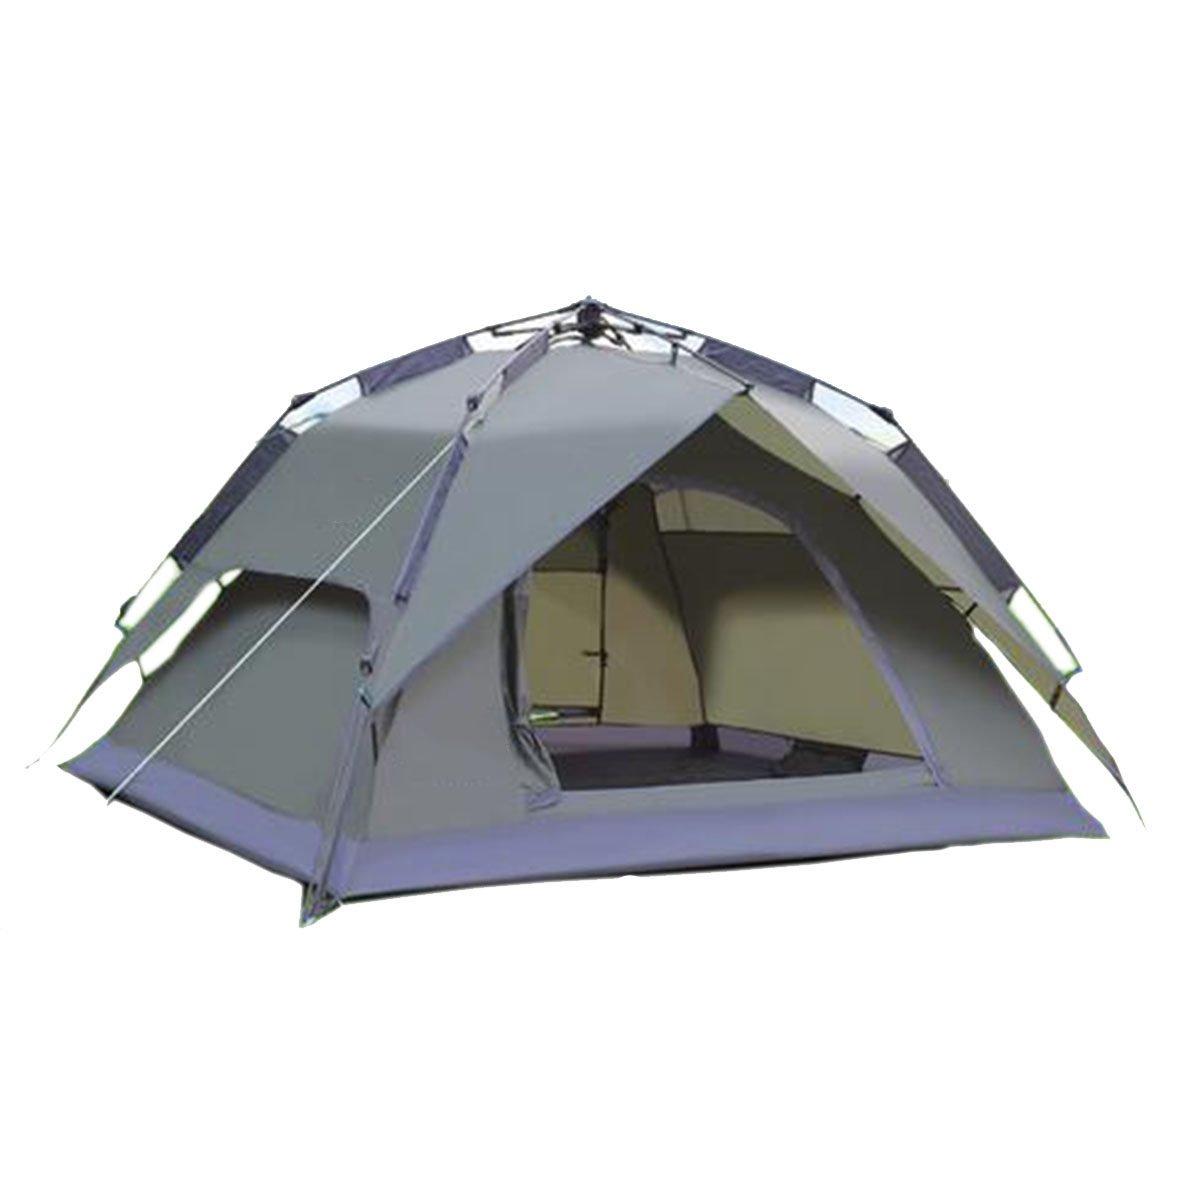 TZQ Wüste  Herrenchen Automatische Anti-Regen Camping Zelte,Grau